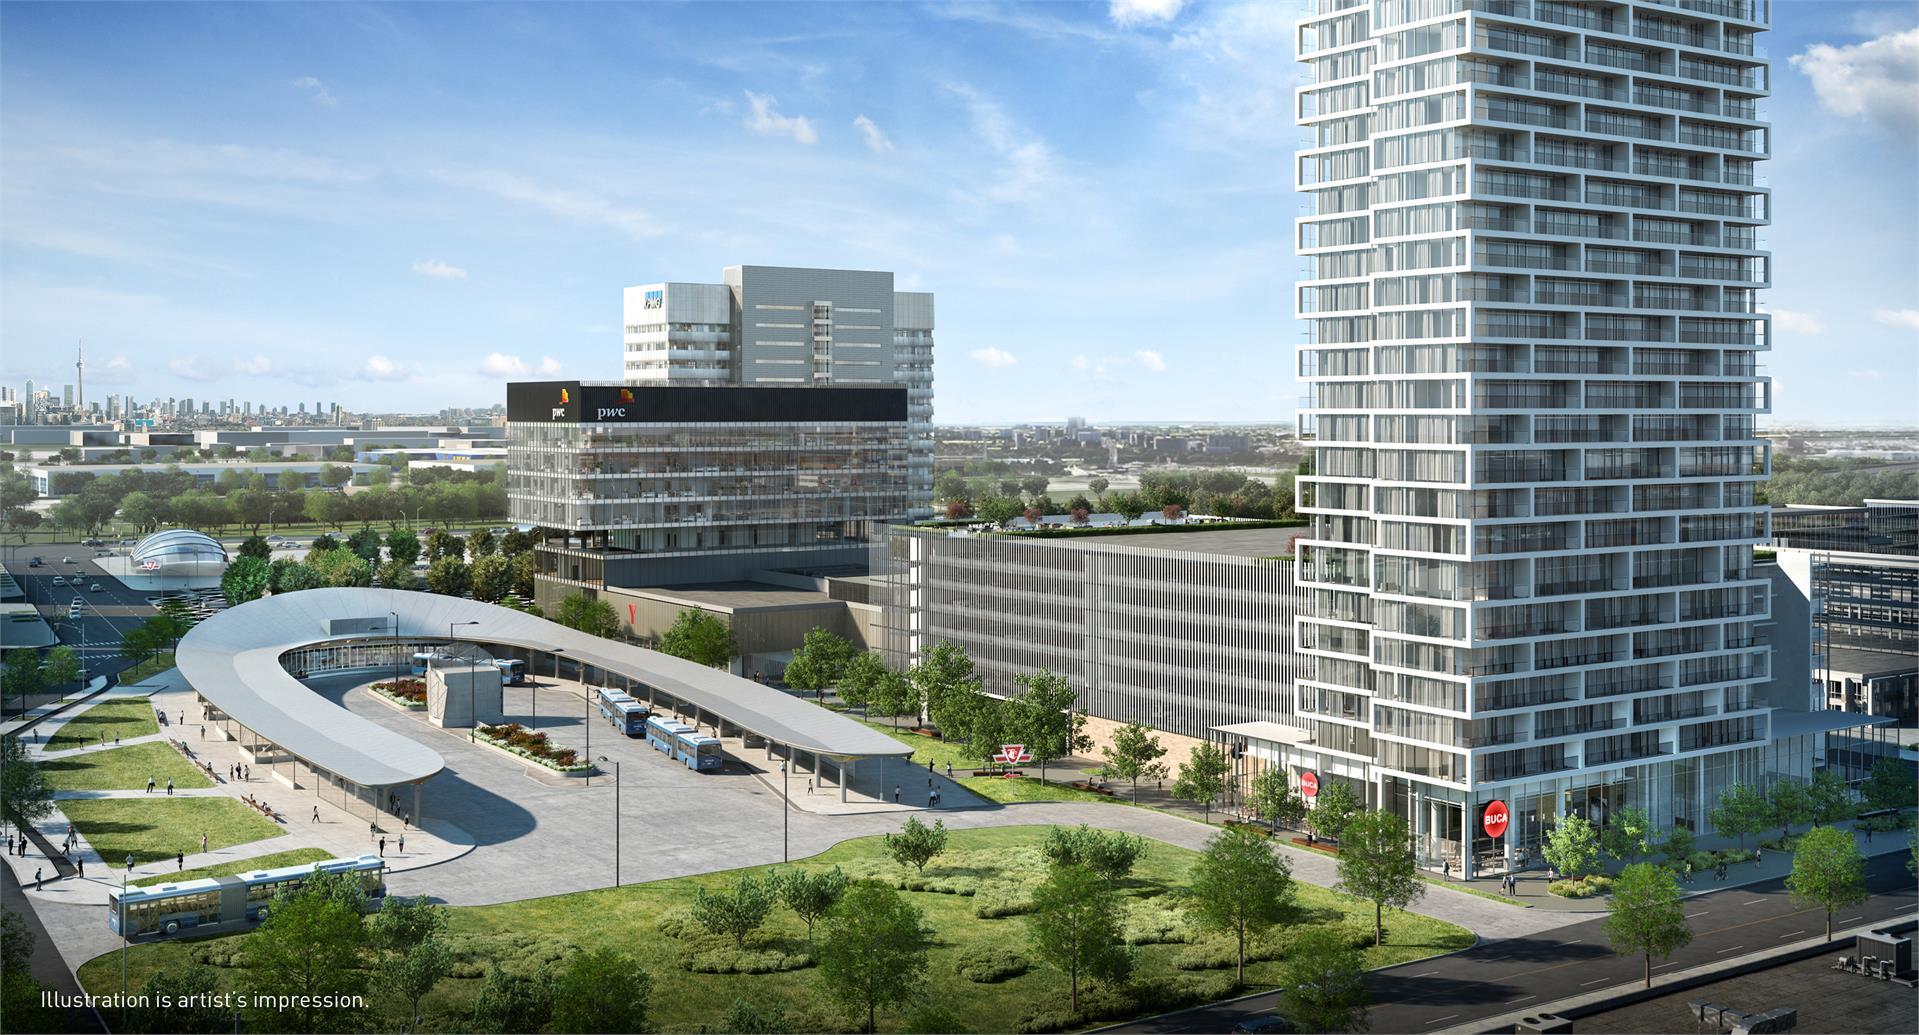 Condoville Club Toronto. Luxury Preconstruction Condos, Real Estate Ontario, New Condos, transit city condos vaughan ttc